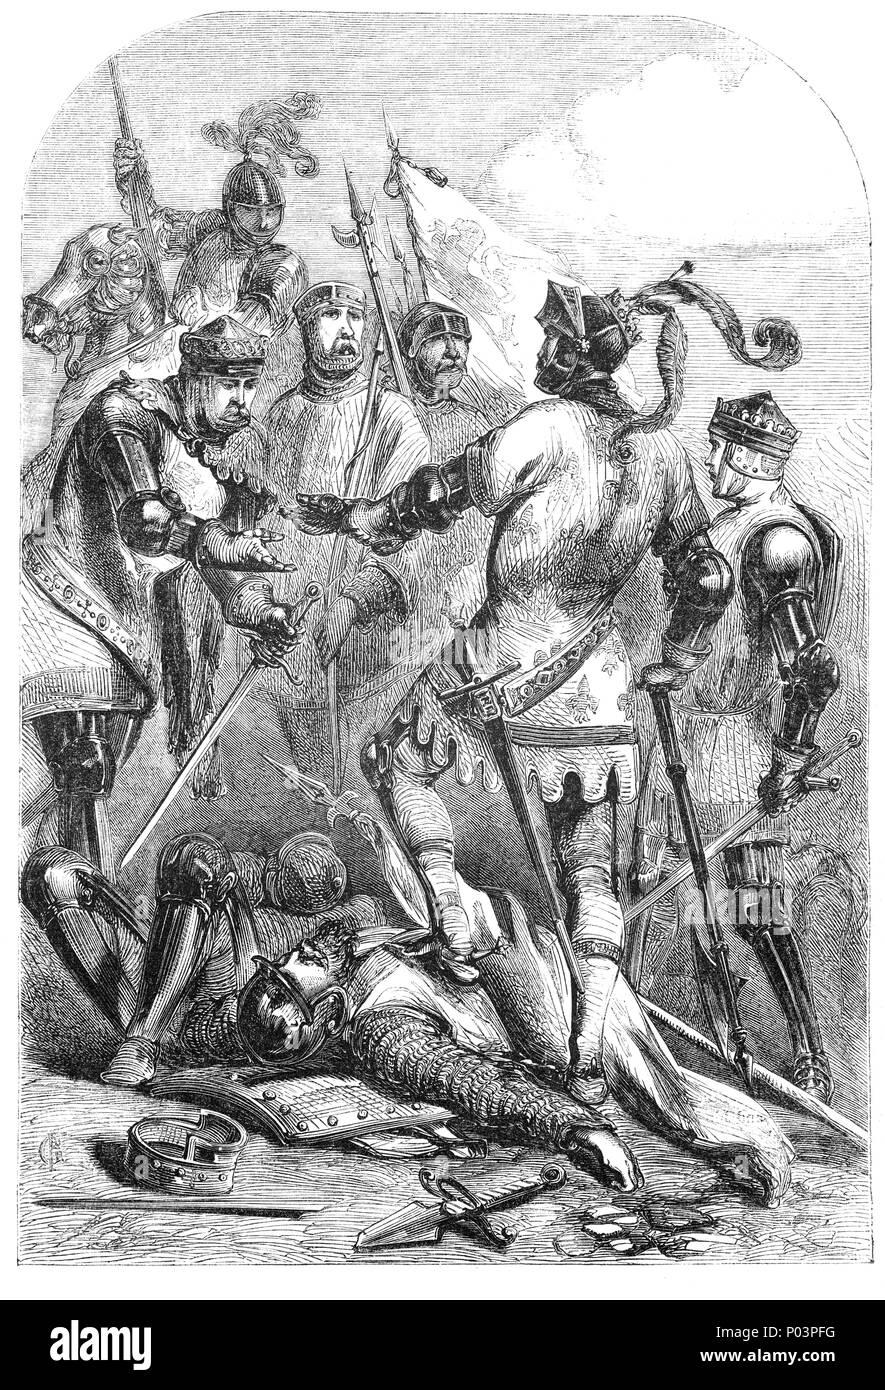 La battaglia di Poitiers fu combattuta il 19 settembre 1356 in Nouaillé, vicino alla città di Poitiers in Aquitania, Francia occidentale. Un esercito, molti di essi veterani di Crécy, guidato da Edward, il Principe Nero, sconfitto un grande francese e allied esercito guidato dal Re Giovanni II di Francia, portando alla cattura del re suo figlio e gran parte della nobiltà francese. È stata la seconda grande vittoria inglese della fase edoardiana dei cento anni di guerra. Poitiers fu combattuta per dieci anni dopo la battaglia di Crécy (la prima grande vittoria), e circa la metà di un secolo prima che il terzo, la battaglia di Agincourt (1415). Immagini Stock